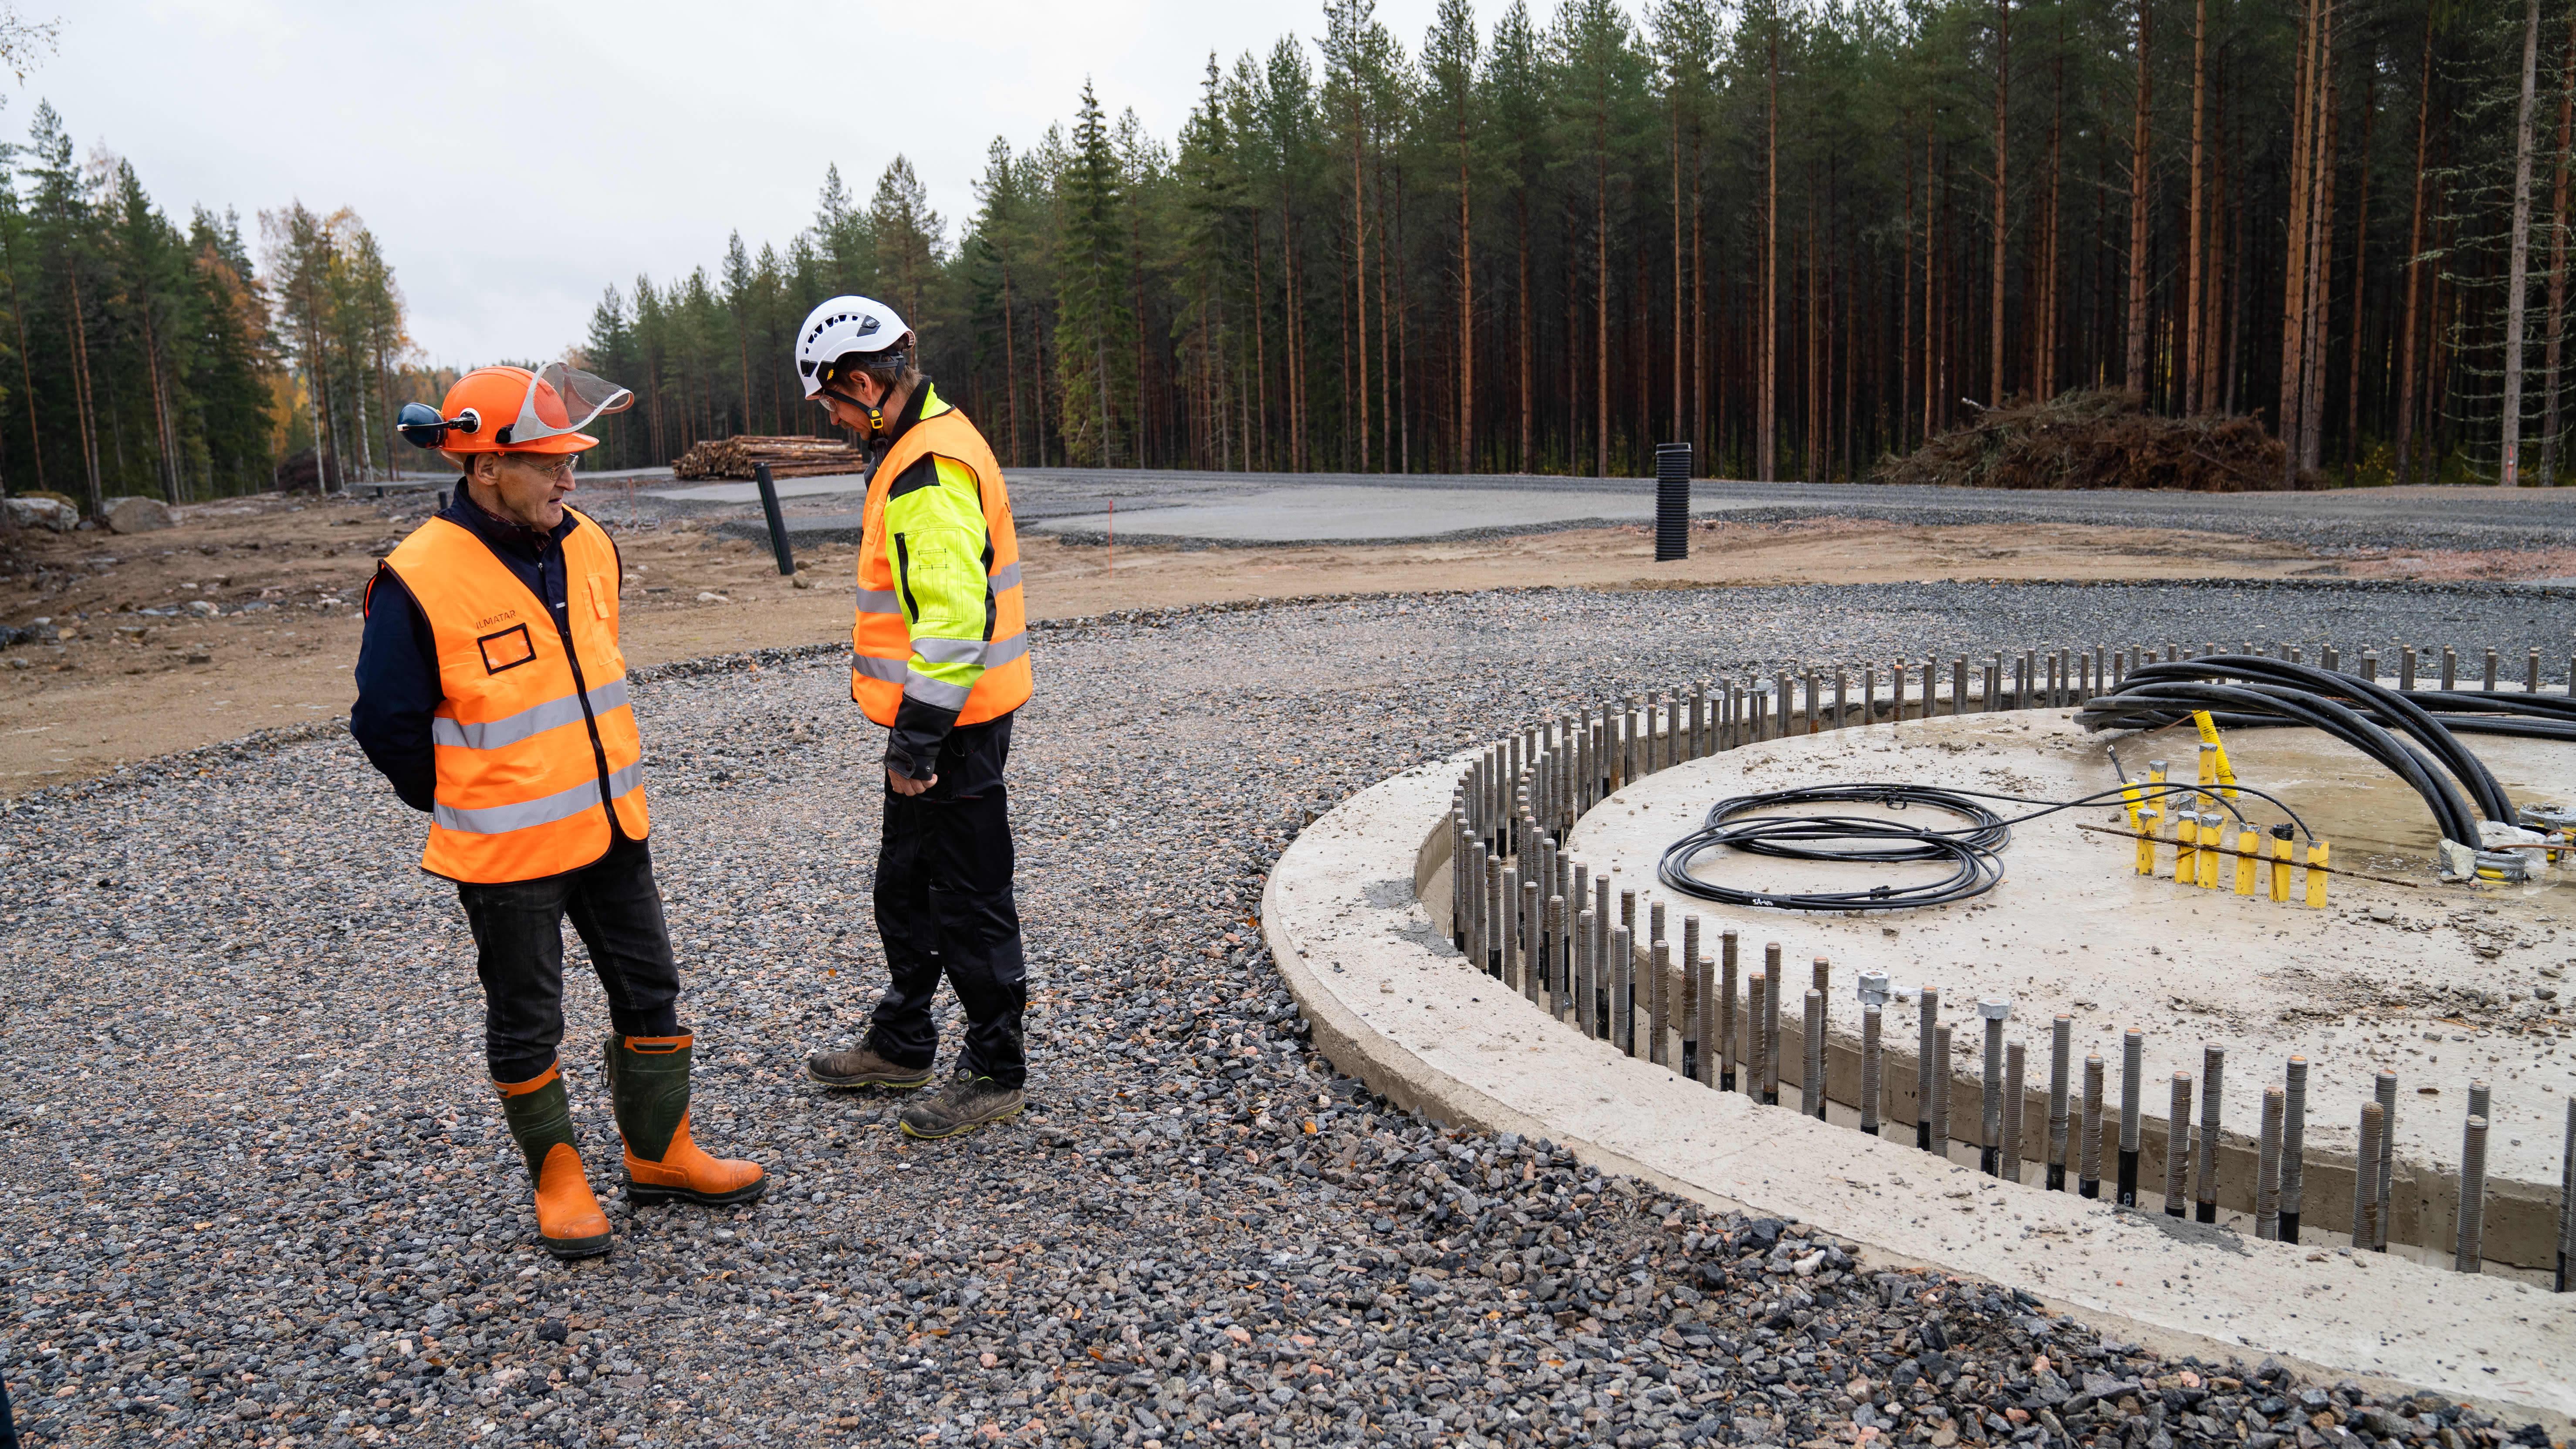 yleiskuva - Humppilan tuulivoimapuiston työmaalla perustuksia katselevat Pertti Pelto-Huikko ja Timo Pehkkuri